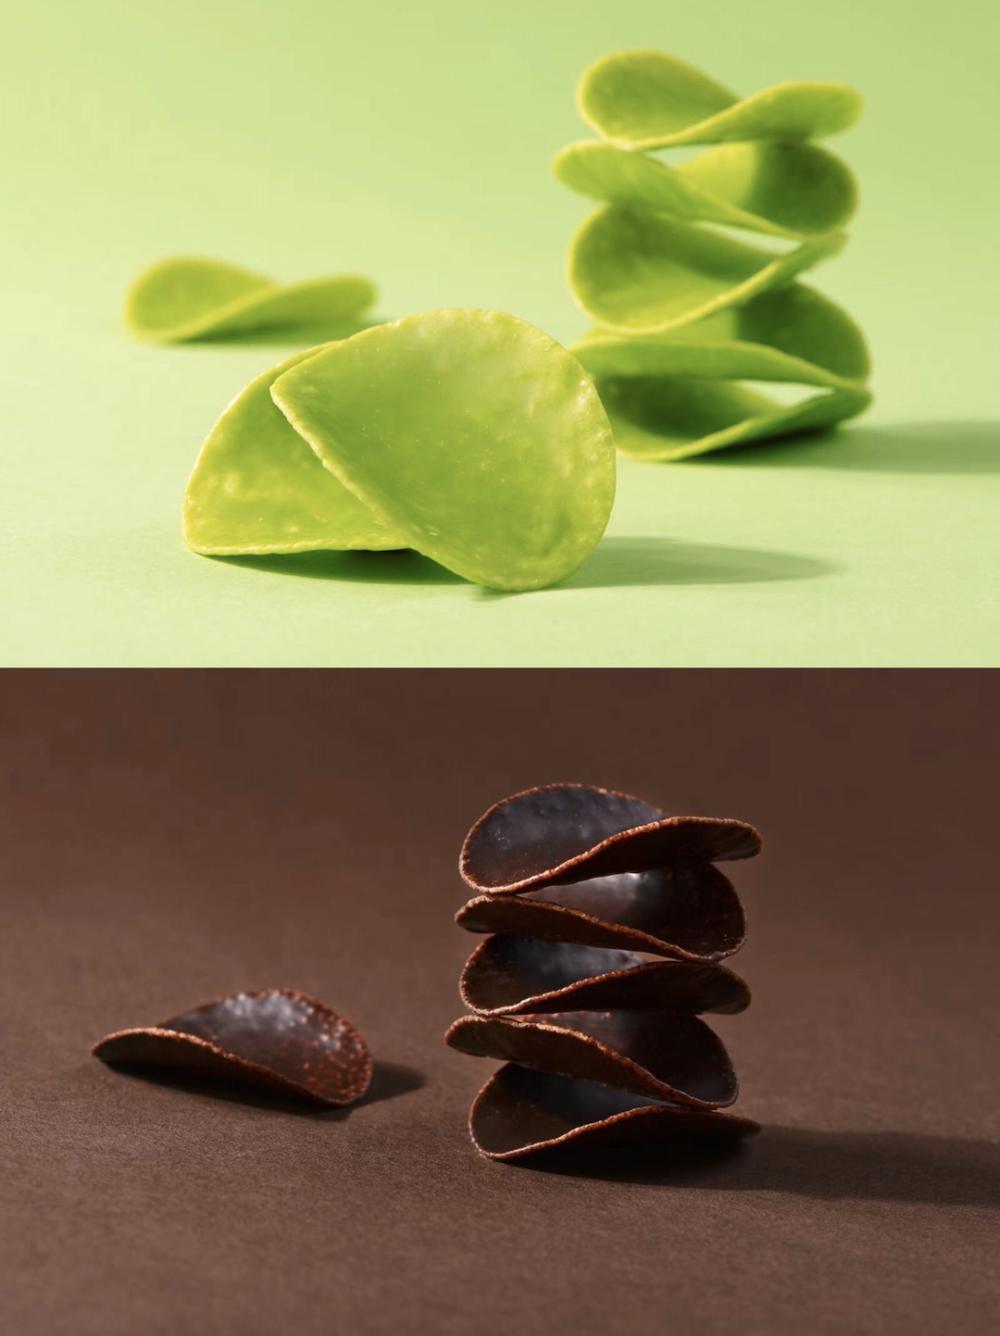 图片来源:巧克里里<br>